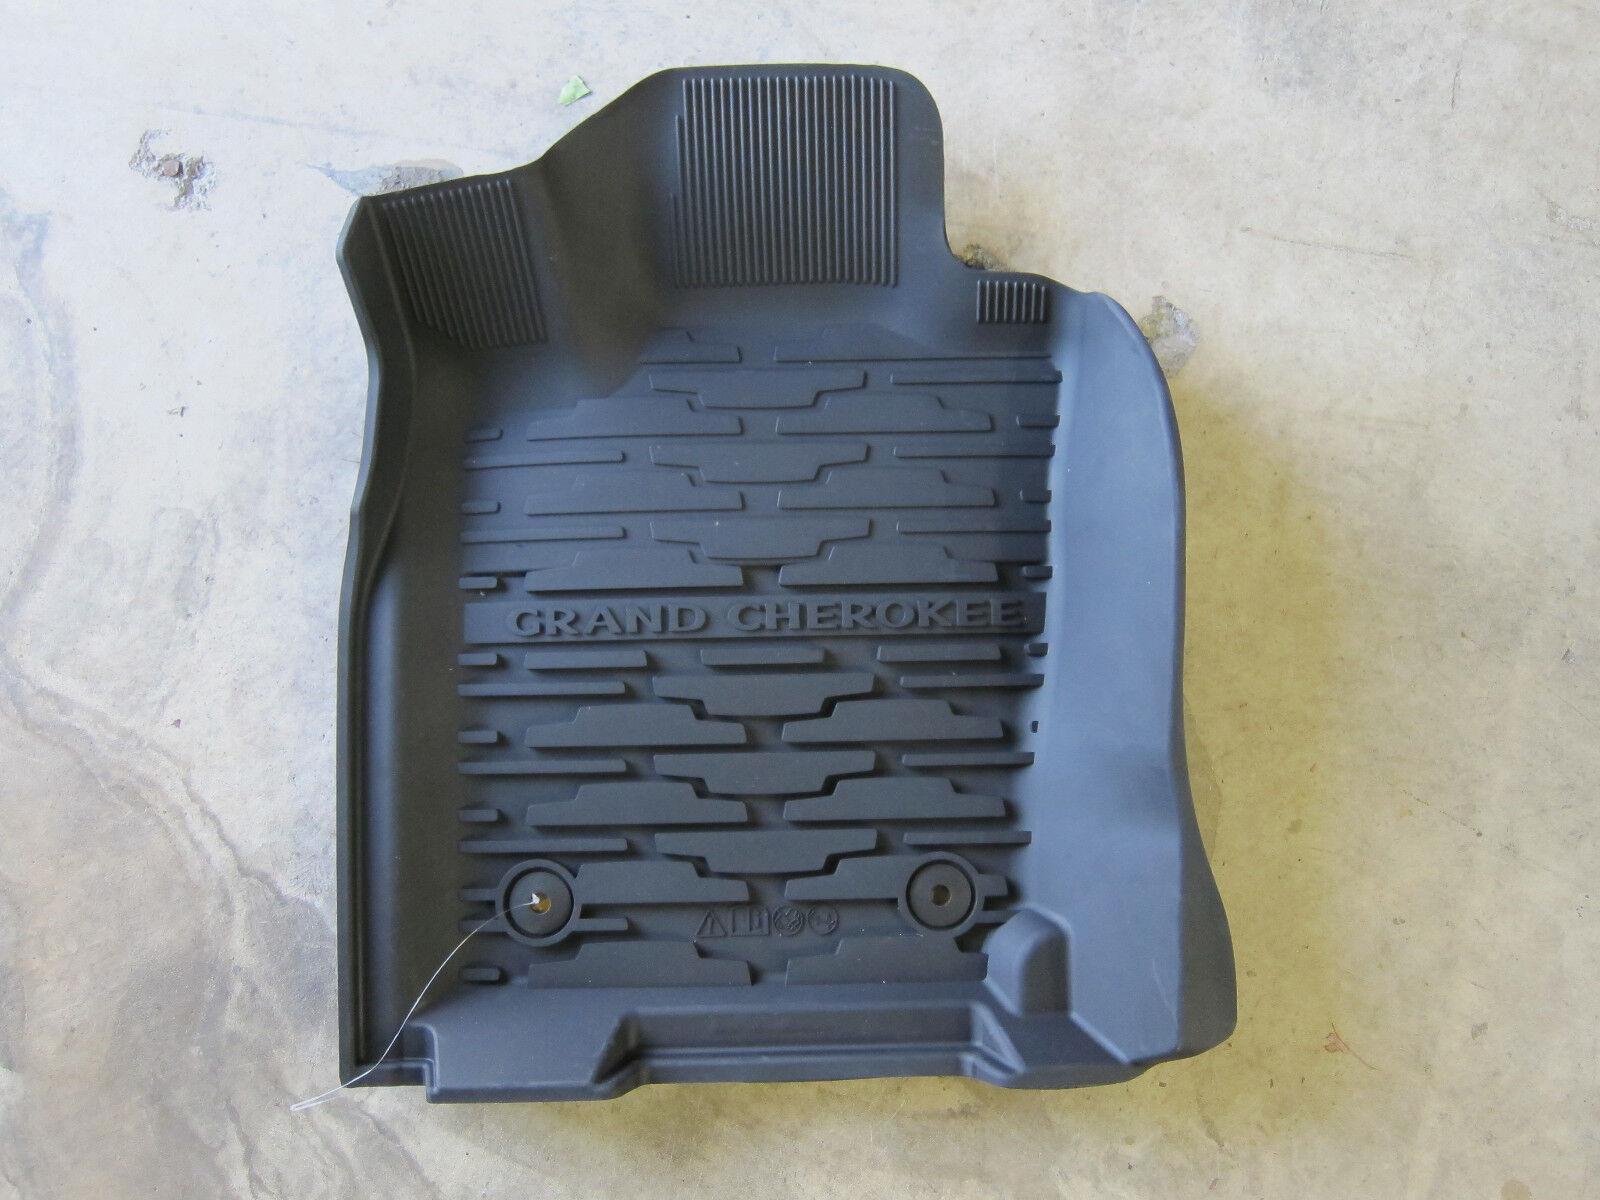 ZMQWE Autoabdeckung Kompatibel Mit Jeep Grand Cherokee Autogarage Autoabdeckung Vollgarage Stoff Wasserdicht Hagelschutz Eingebaut Baumwolle